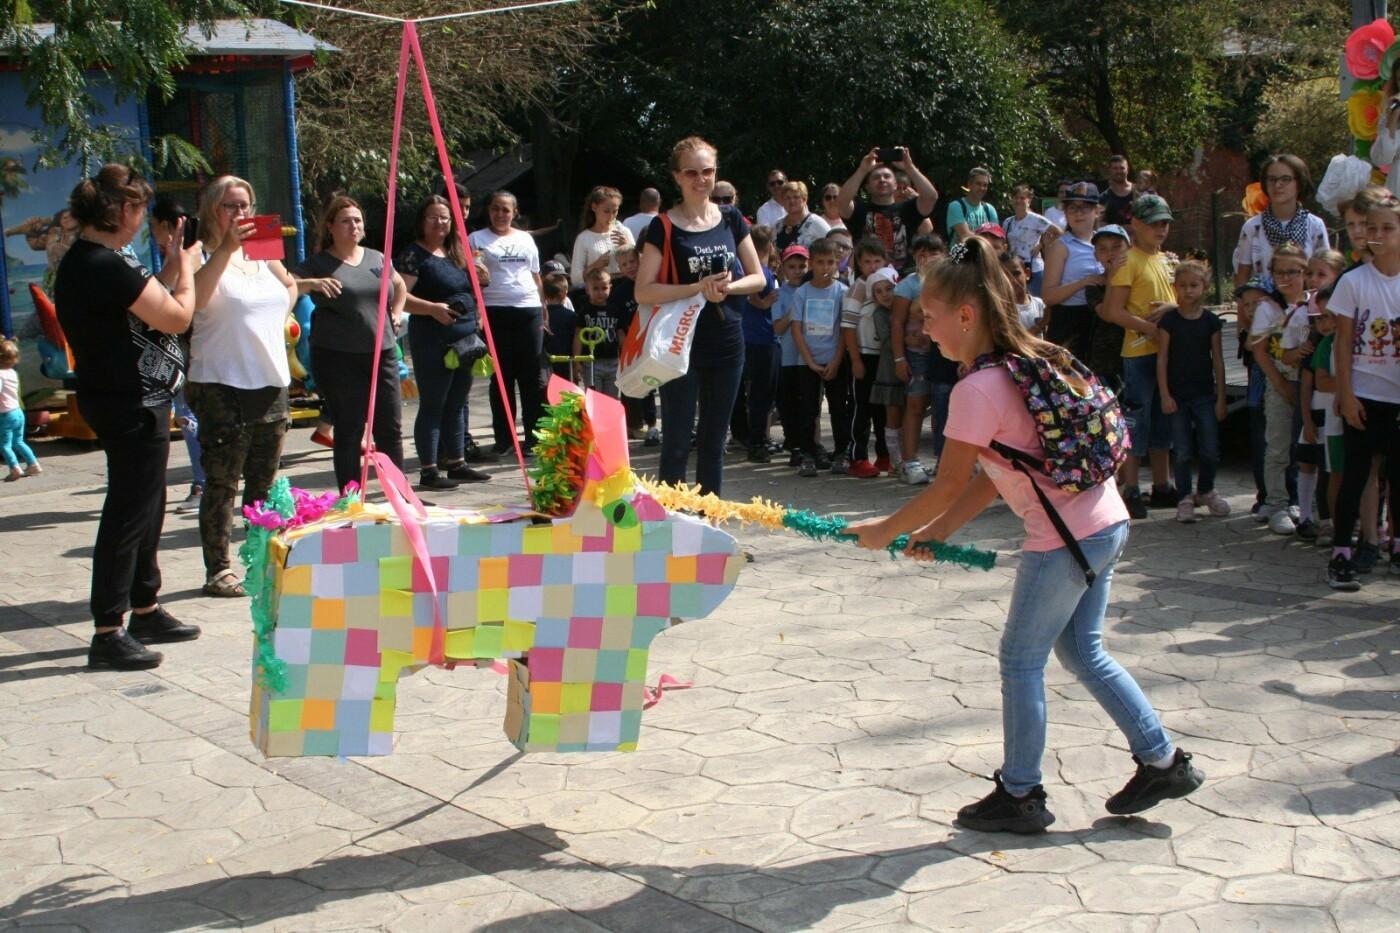 Одесскому зоопарку исполнилось 99 лет, как отмечали это событие горожане, - ФОТОРЕПОРТАЖ , фото-5